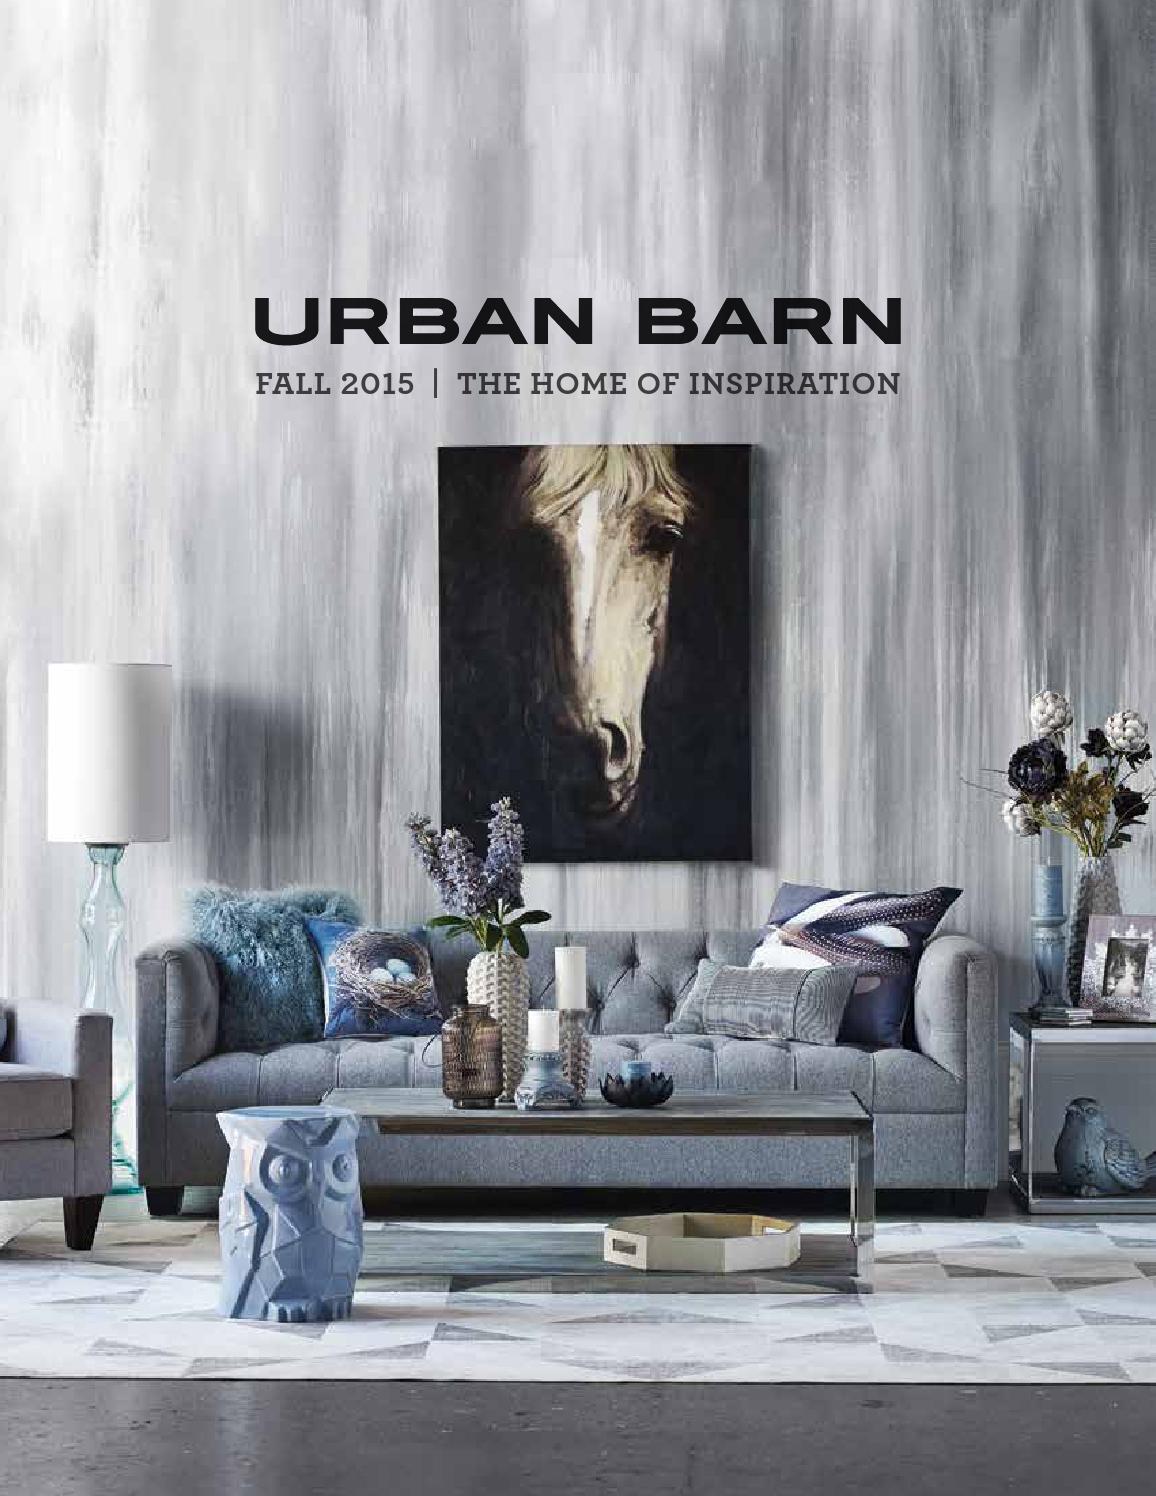 Fall 2015 Catalogue By Urban Barn